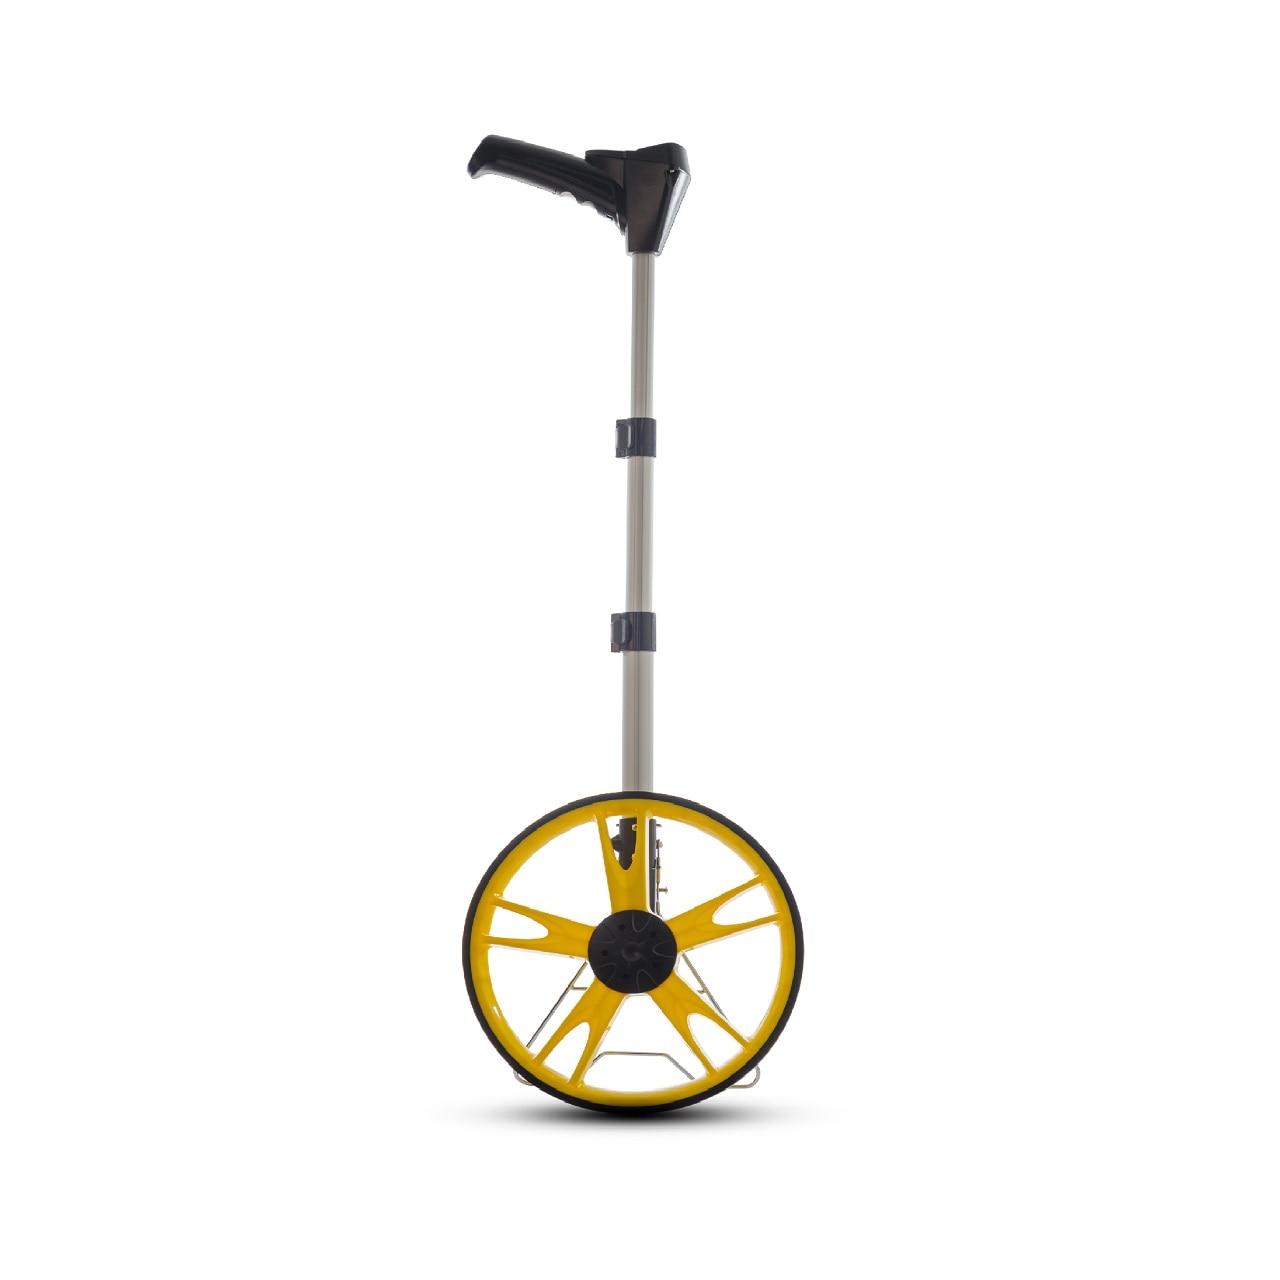 Electronic measuring wheel ADA Wheel 1000 Digital электронное измерительное колесо ada wheel 1000 digital